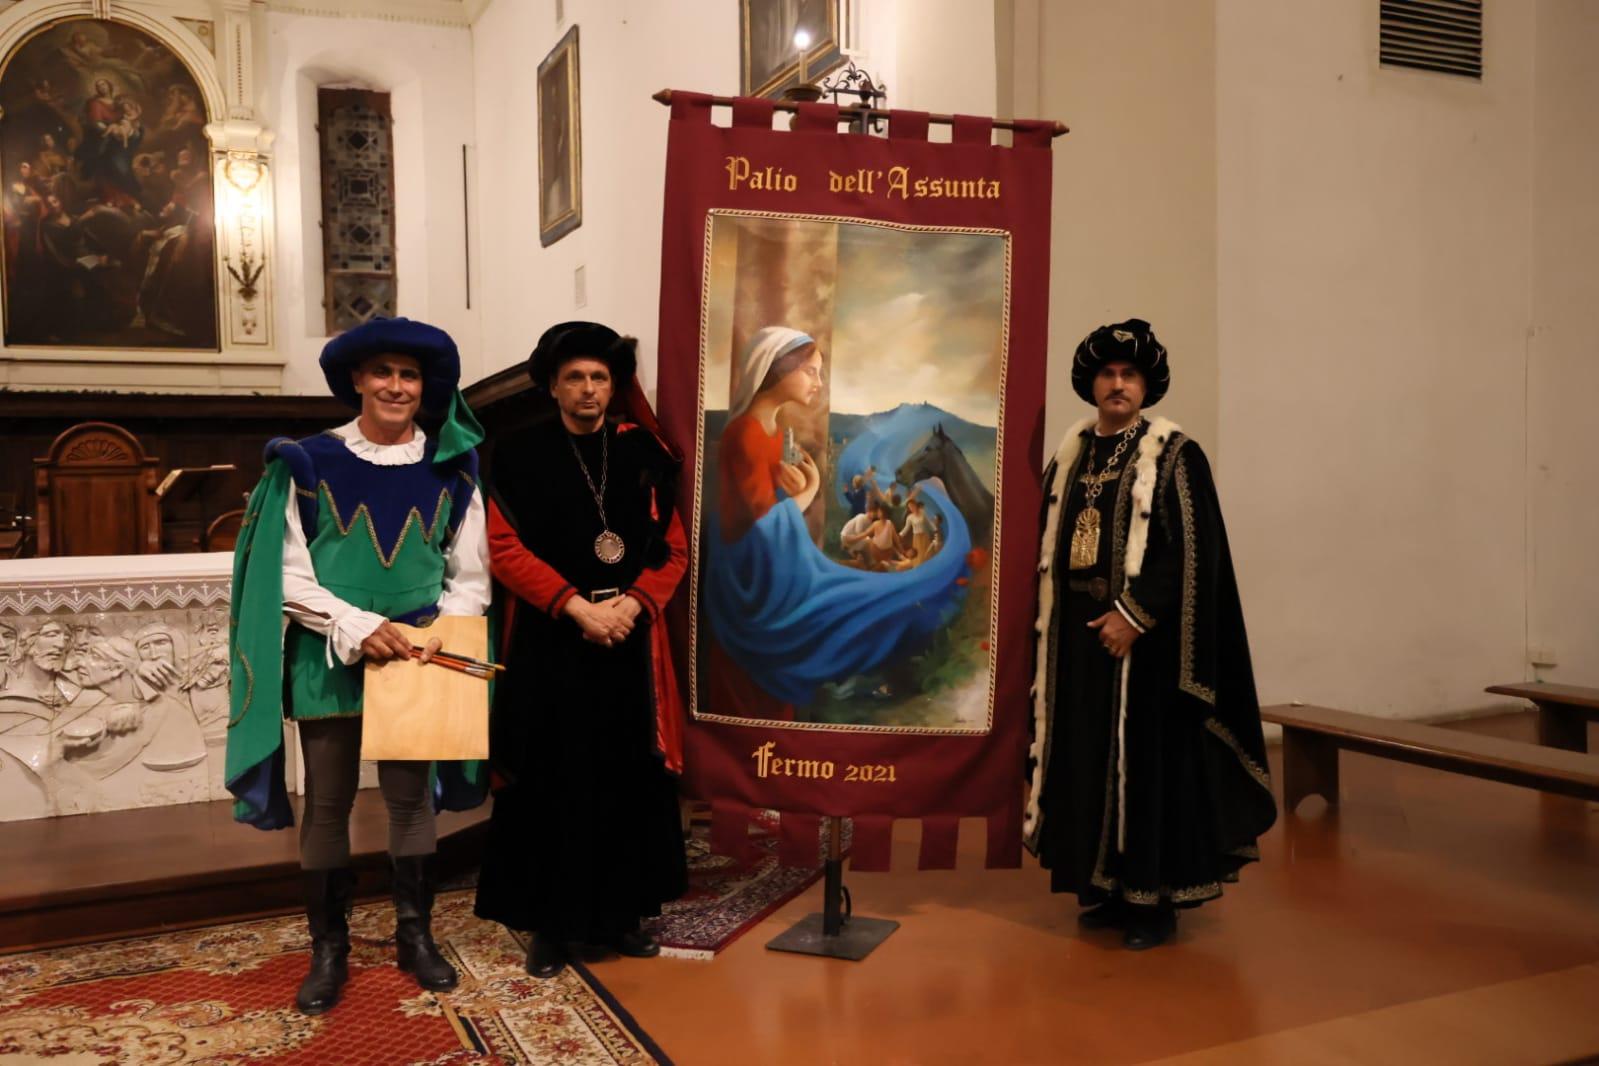 Fermo: venerdì il drappo è arrivato a Porta Santa Caterina